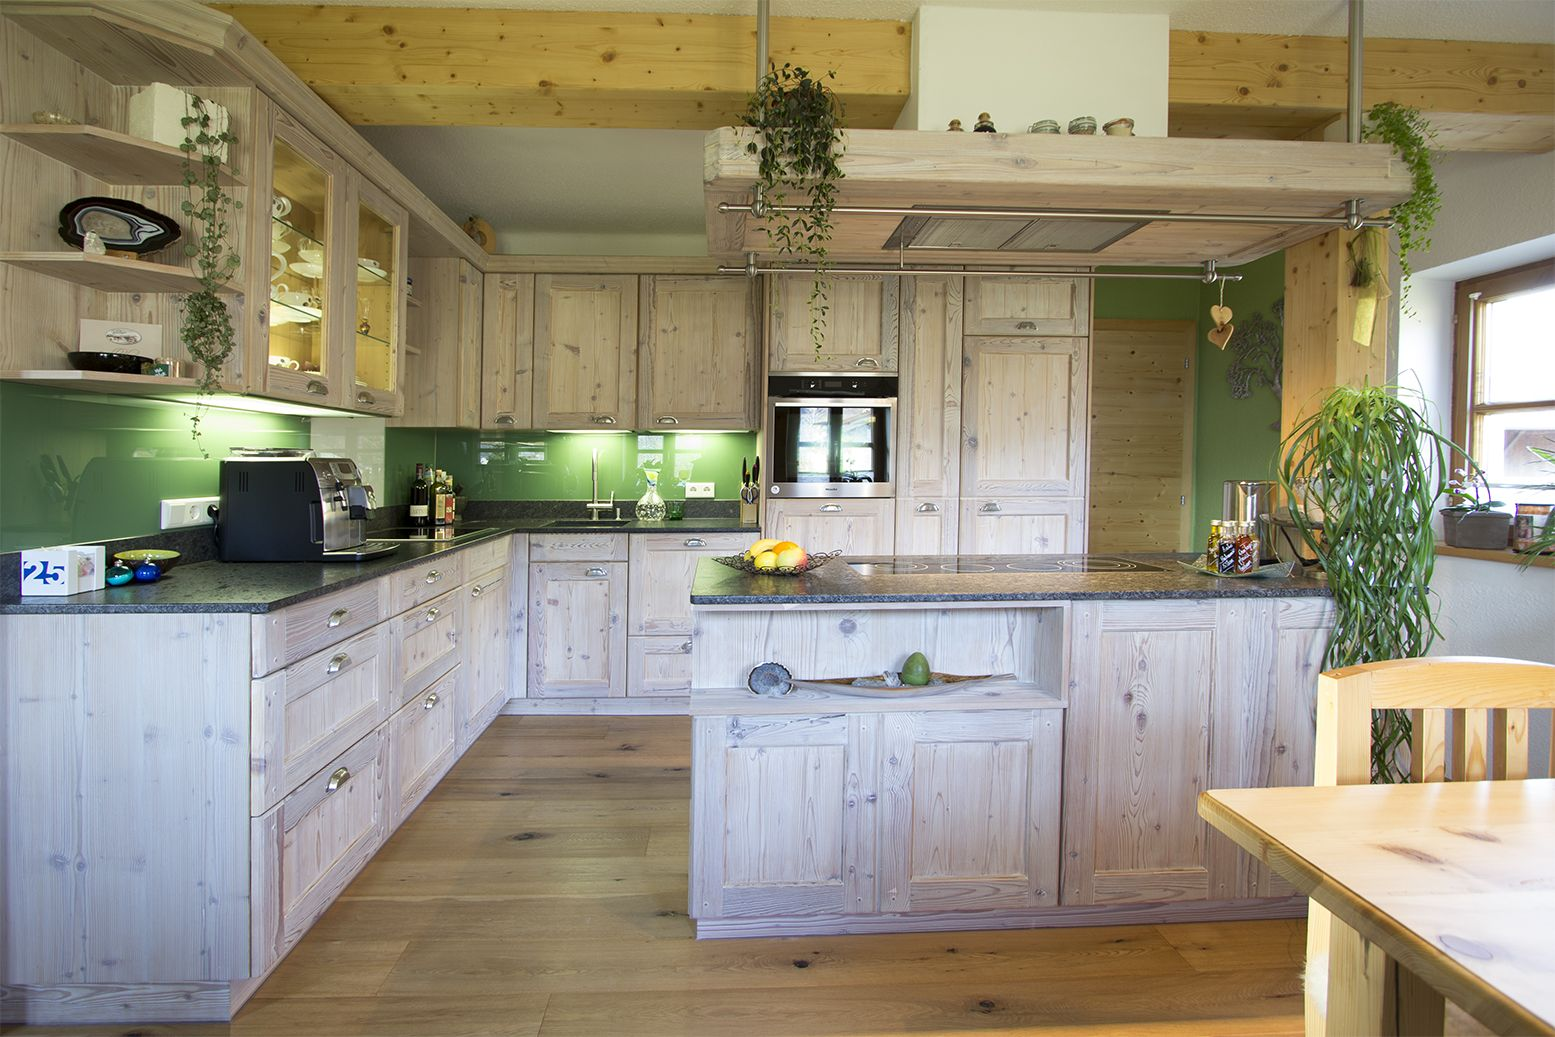 k che in gr n gestalten ideen f r die k chen farbgestaltung 11 bilder von. Black Bedroom Furniture Sets. Home Design Ideas